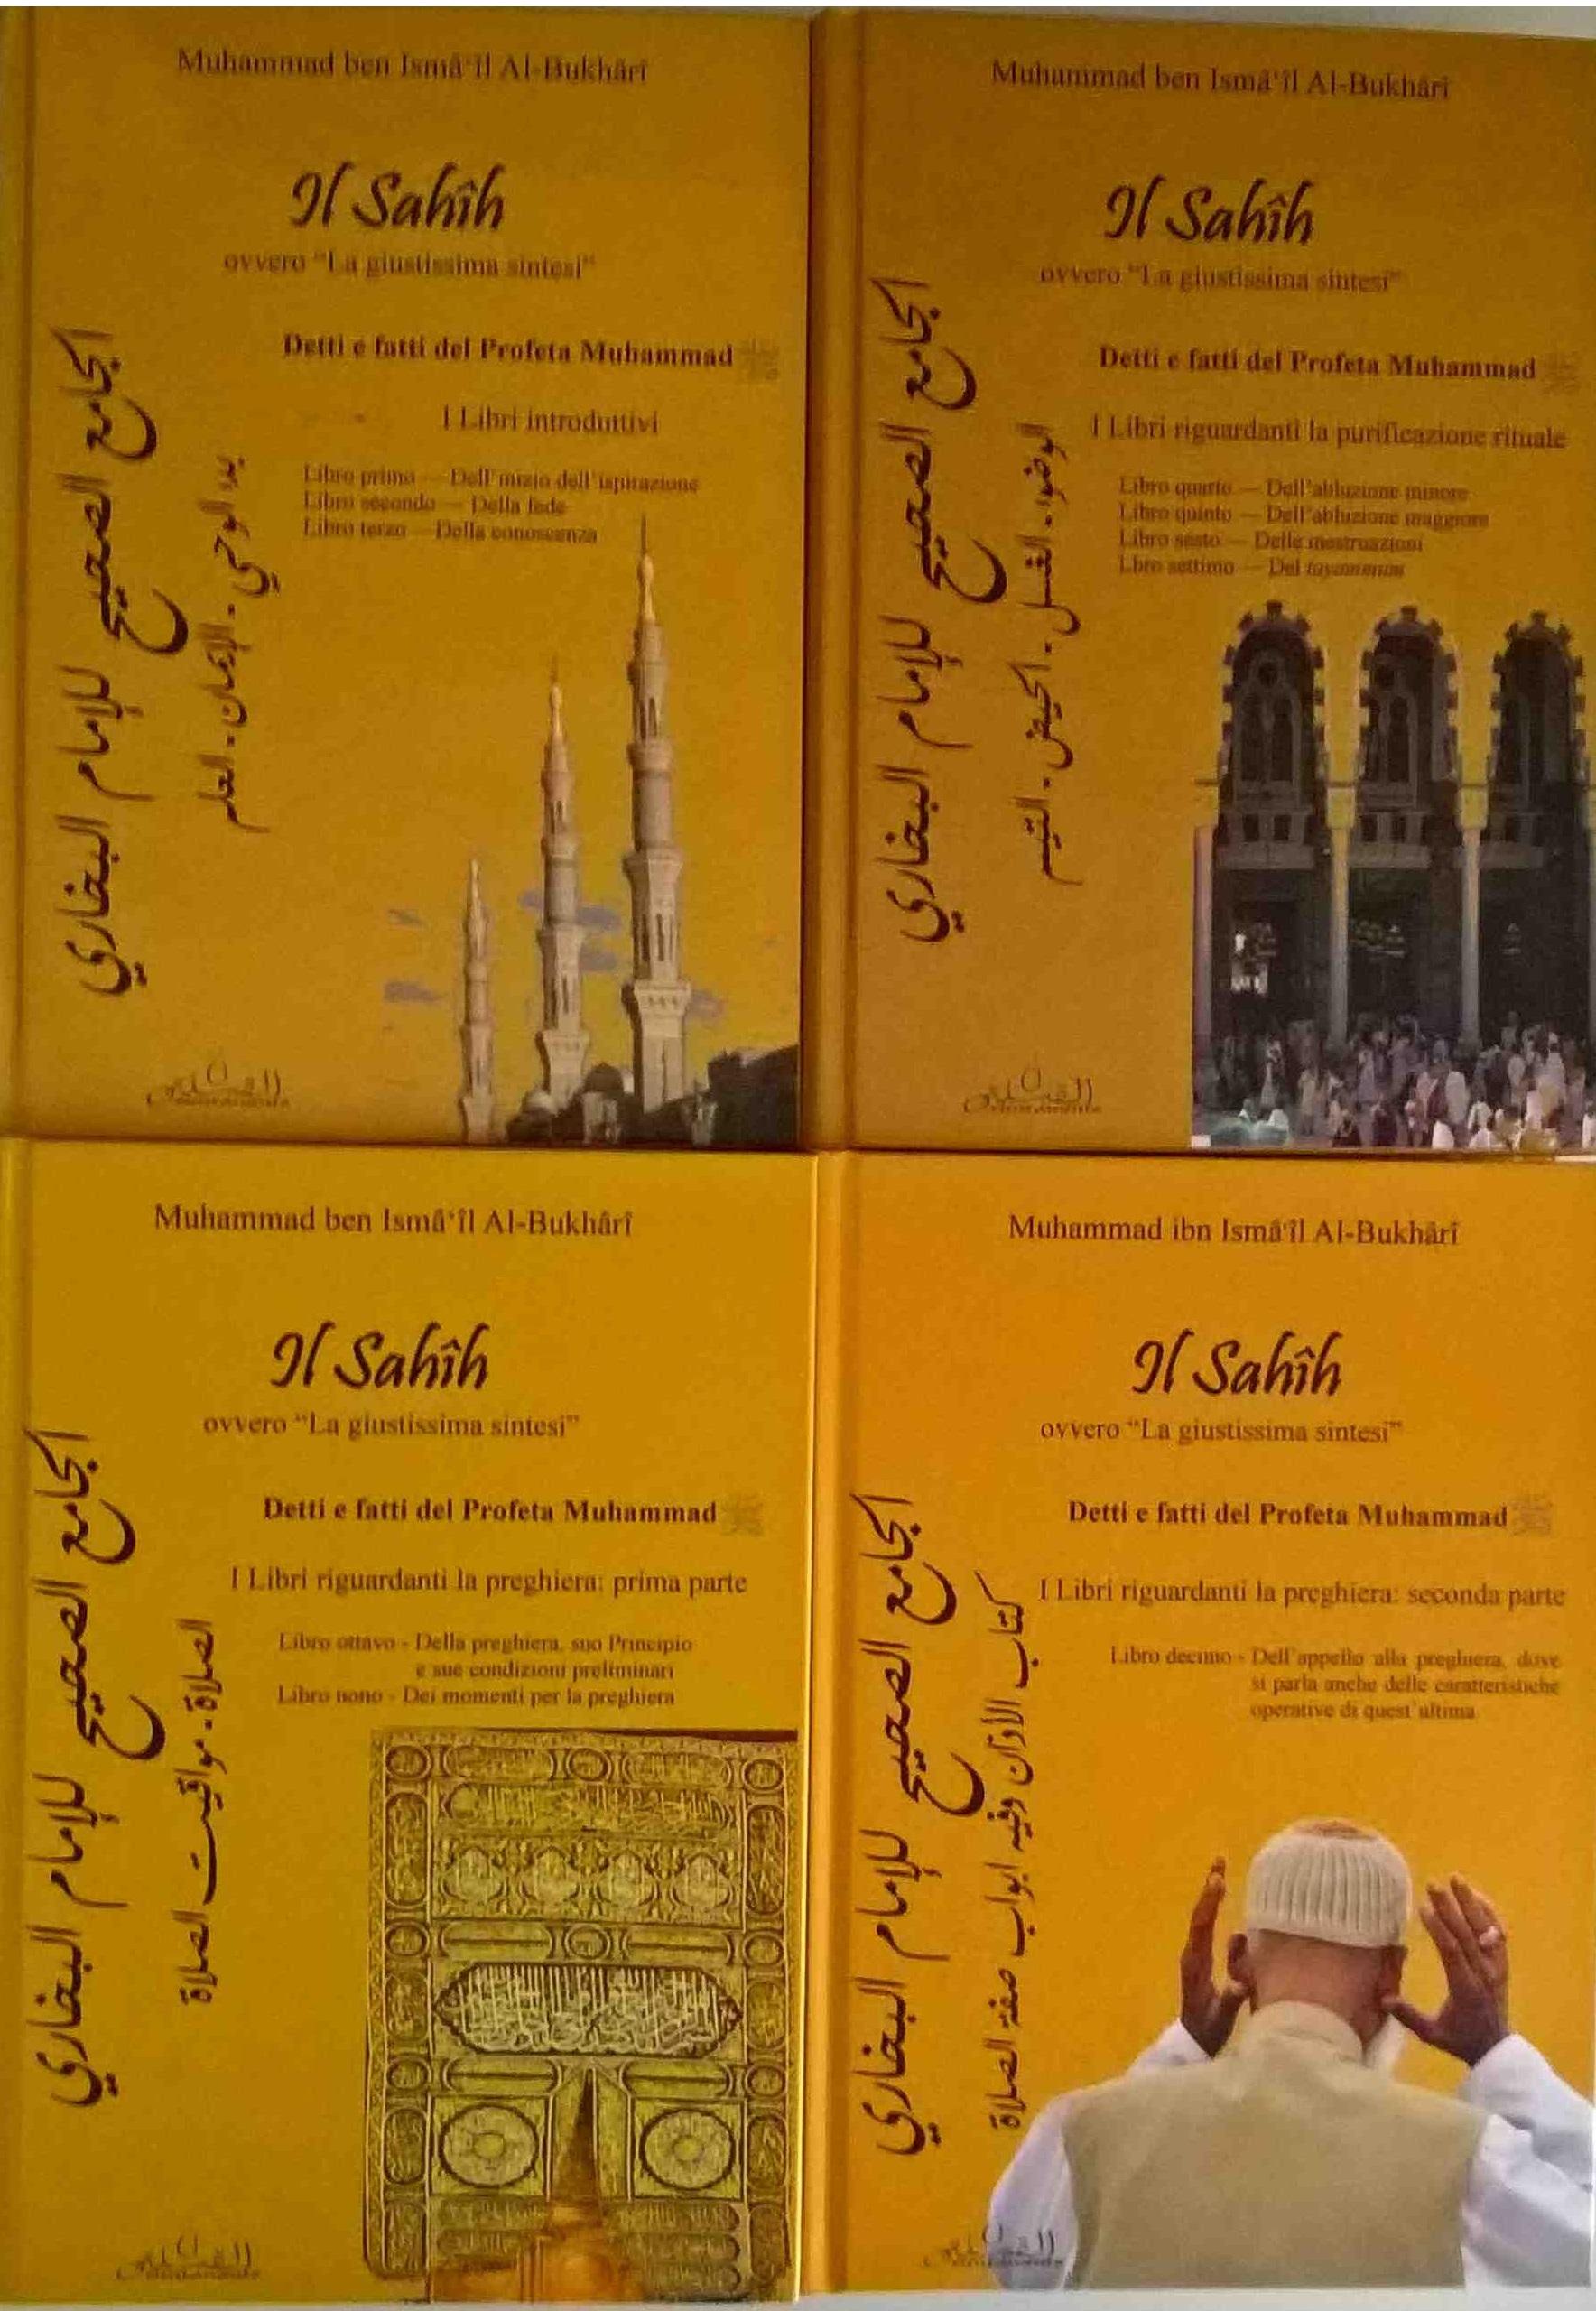 IL SAHIH Al-Bukhârî